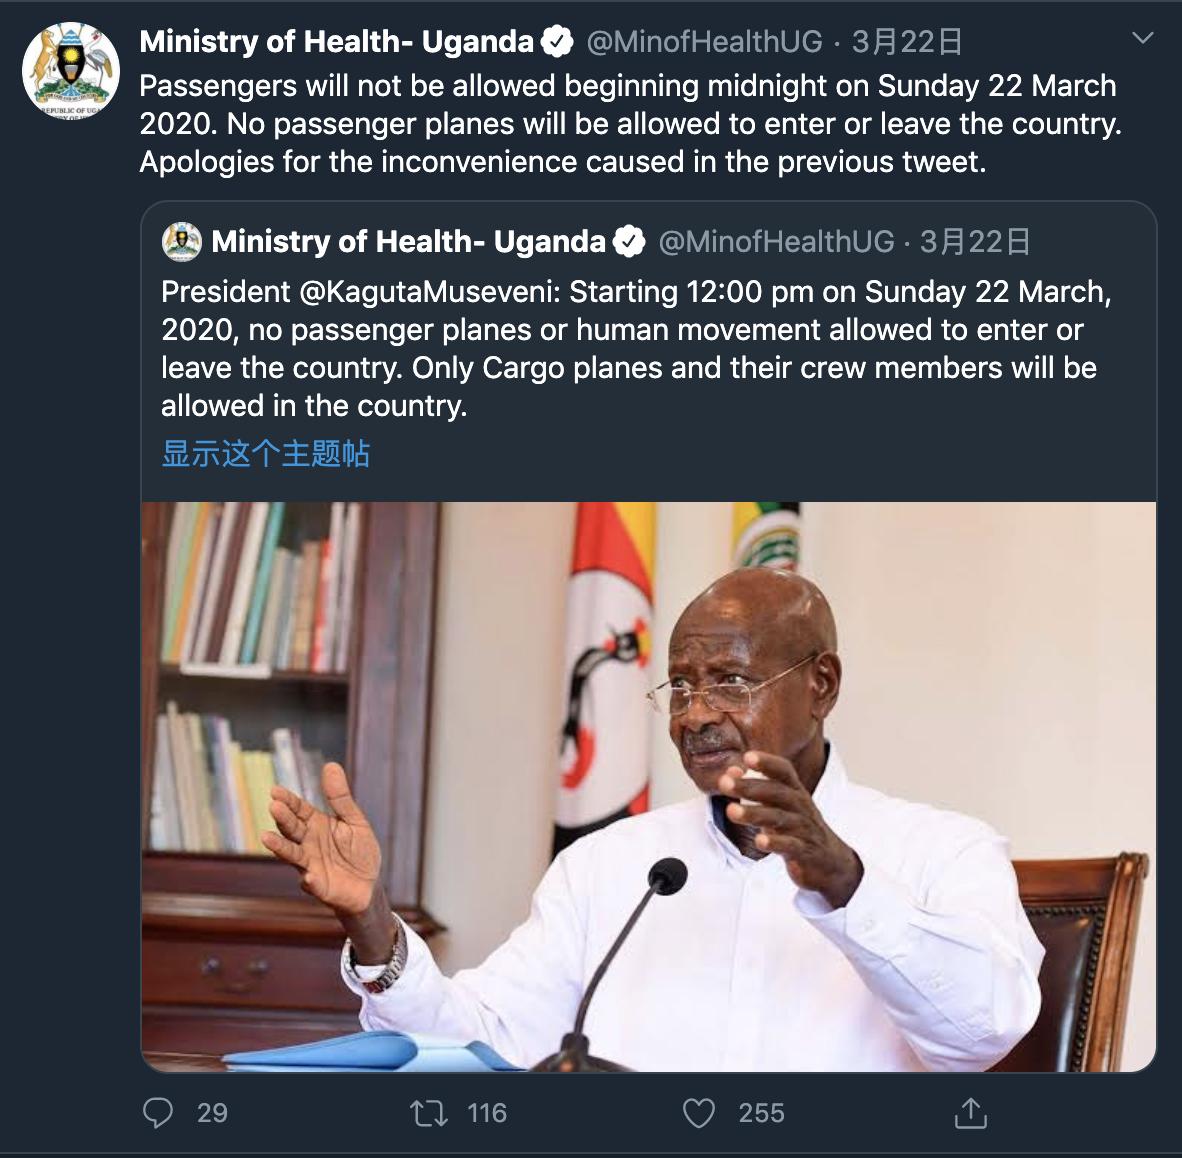 乌干达卫生部发布的闭关消息。本文图片均由口述者提供。